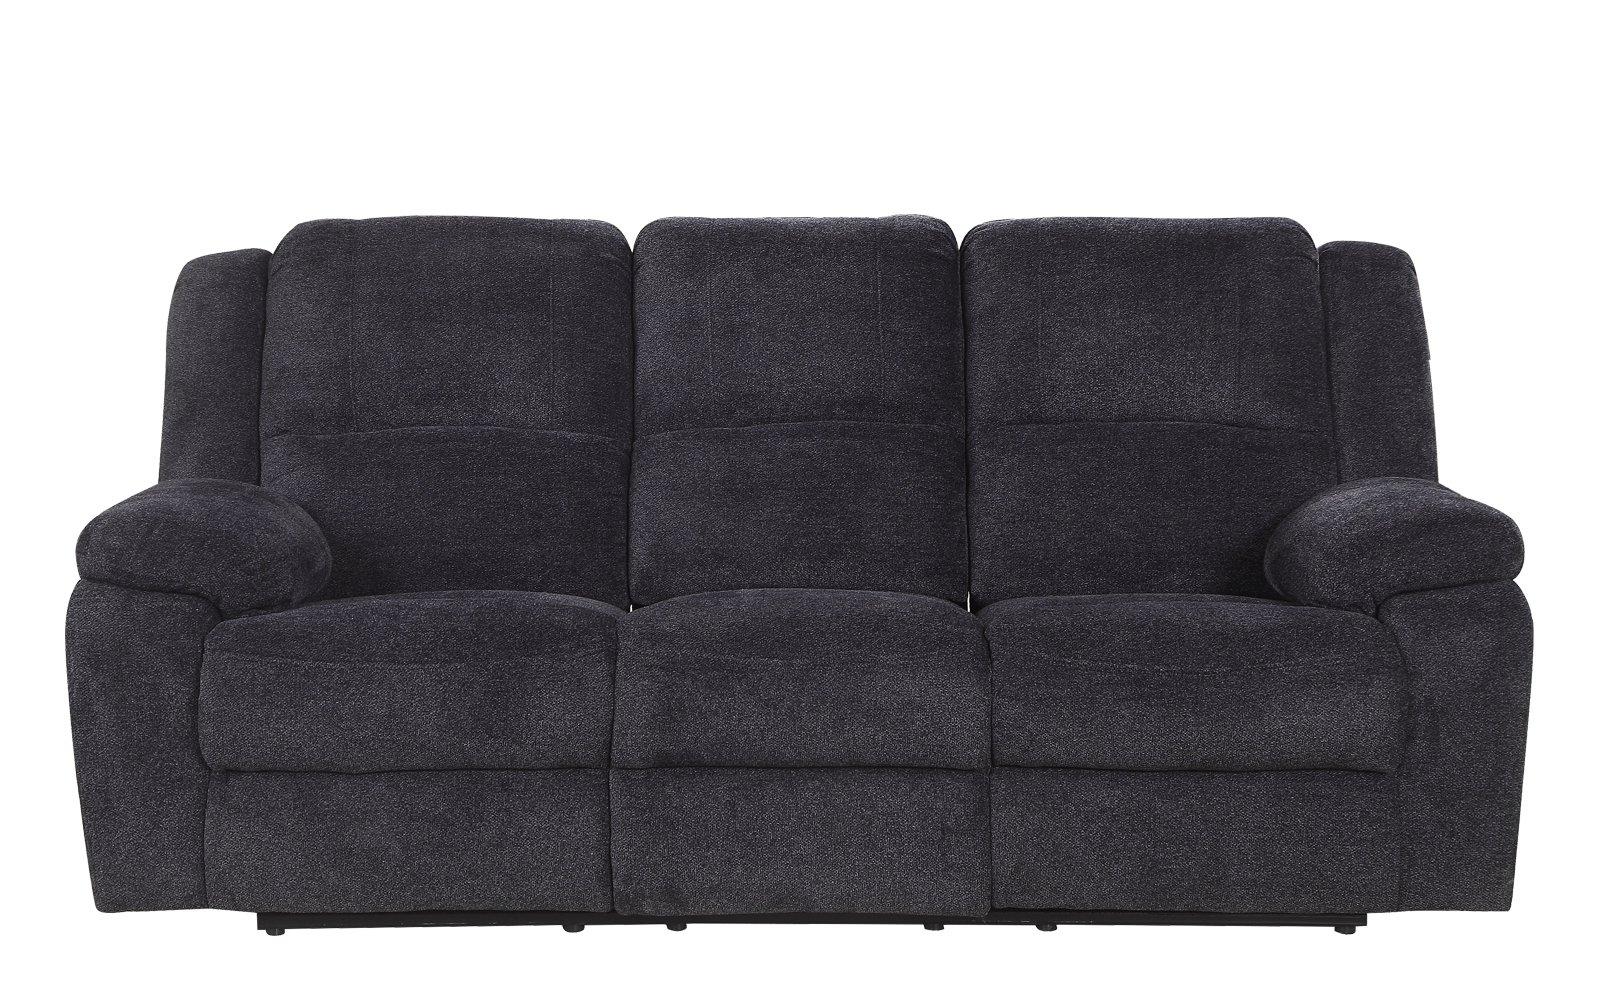 Sofas asturias Dwdk asturias Traditional Classic Microfiber Double Recliner sofa